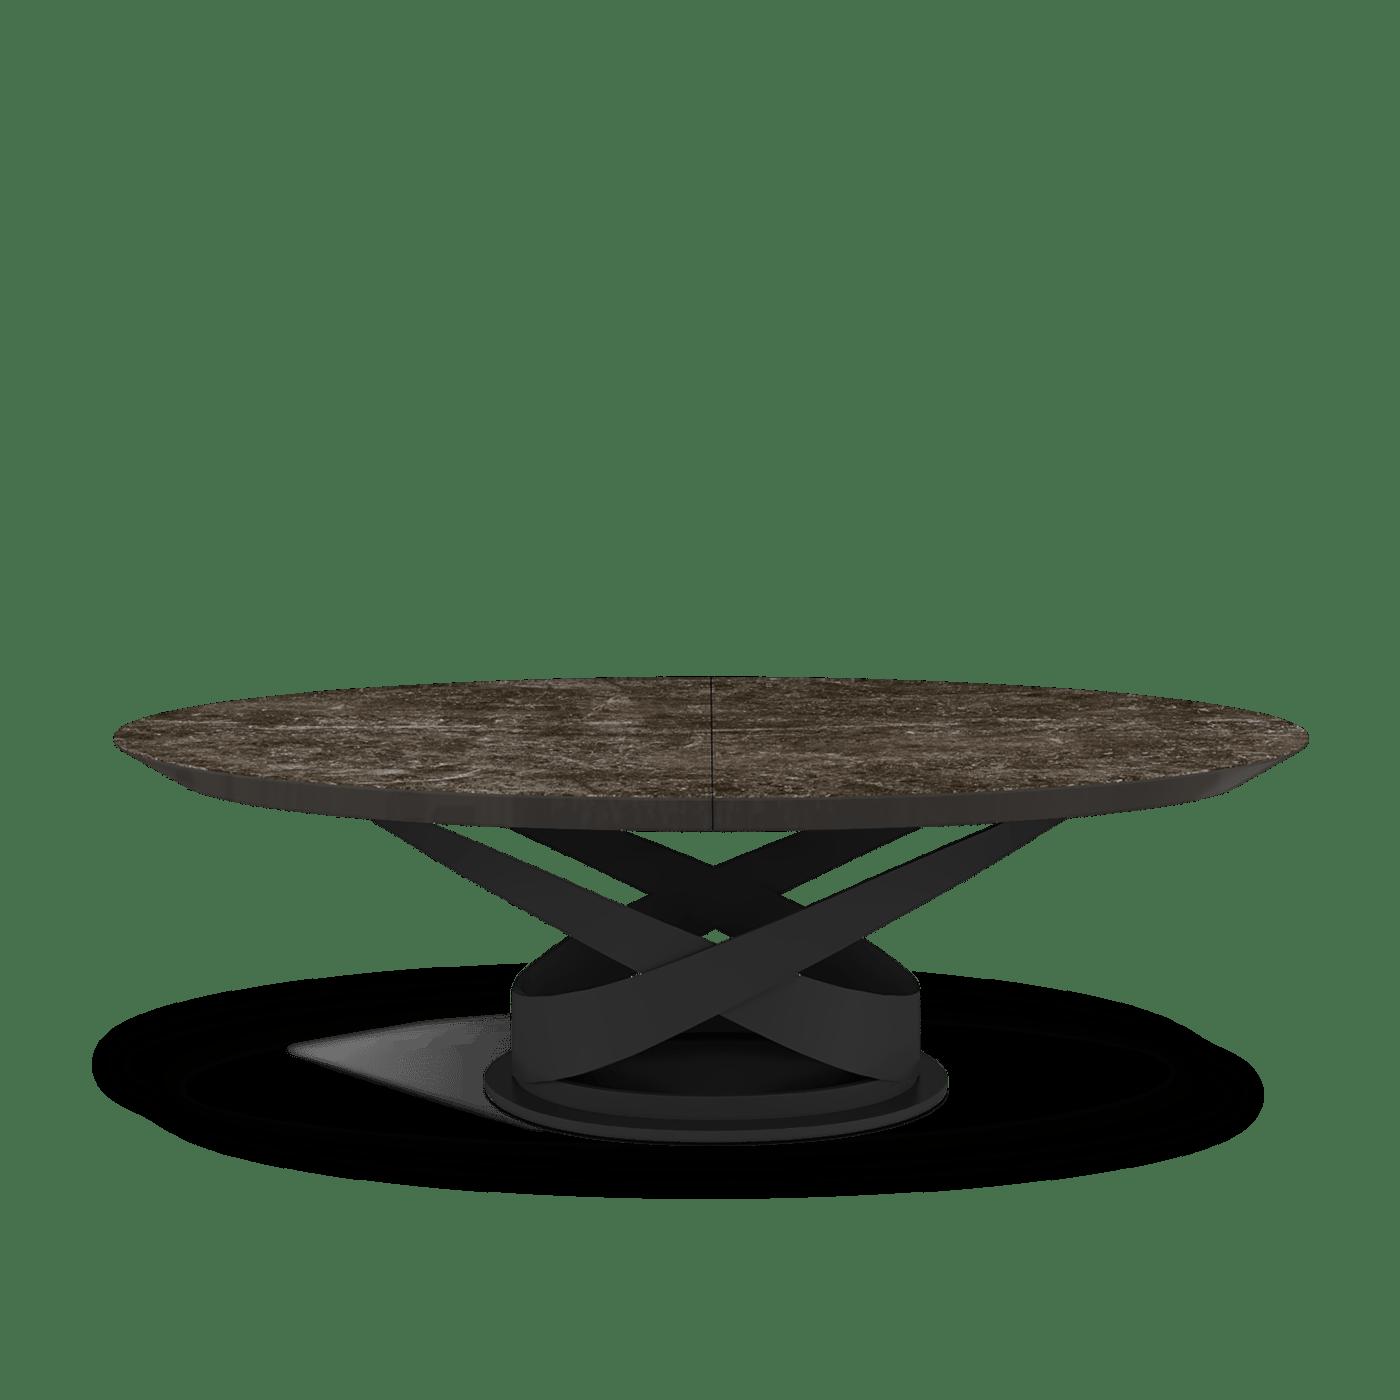 Mesa de jantar Varzzy